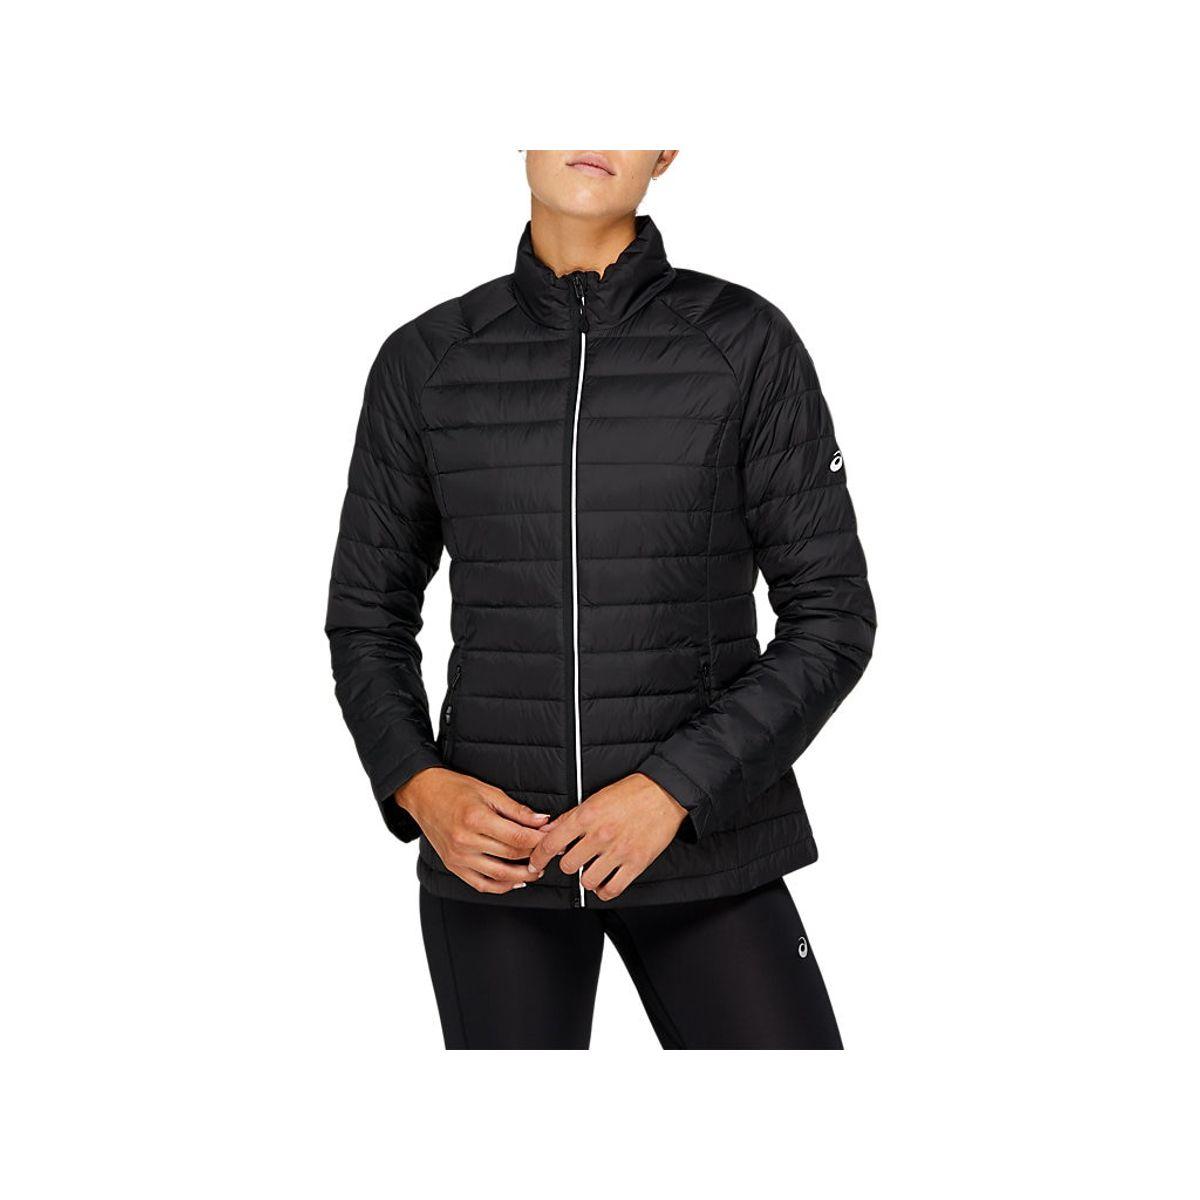 Jaqueta-Asics-Jacket---Feminino---Preto